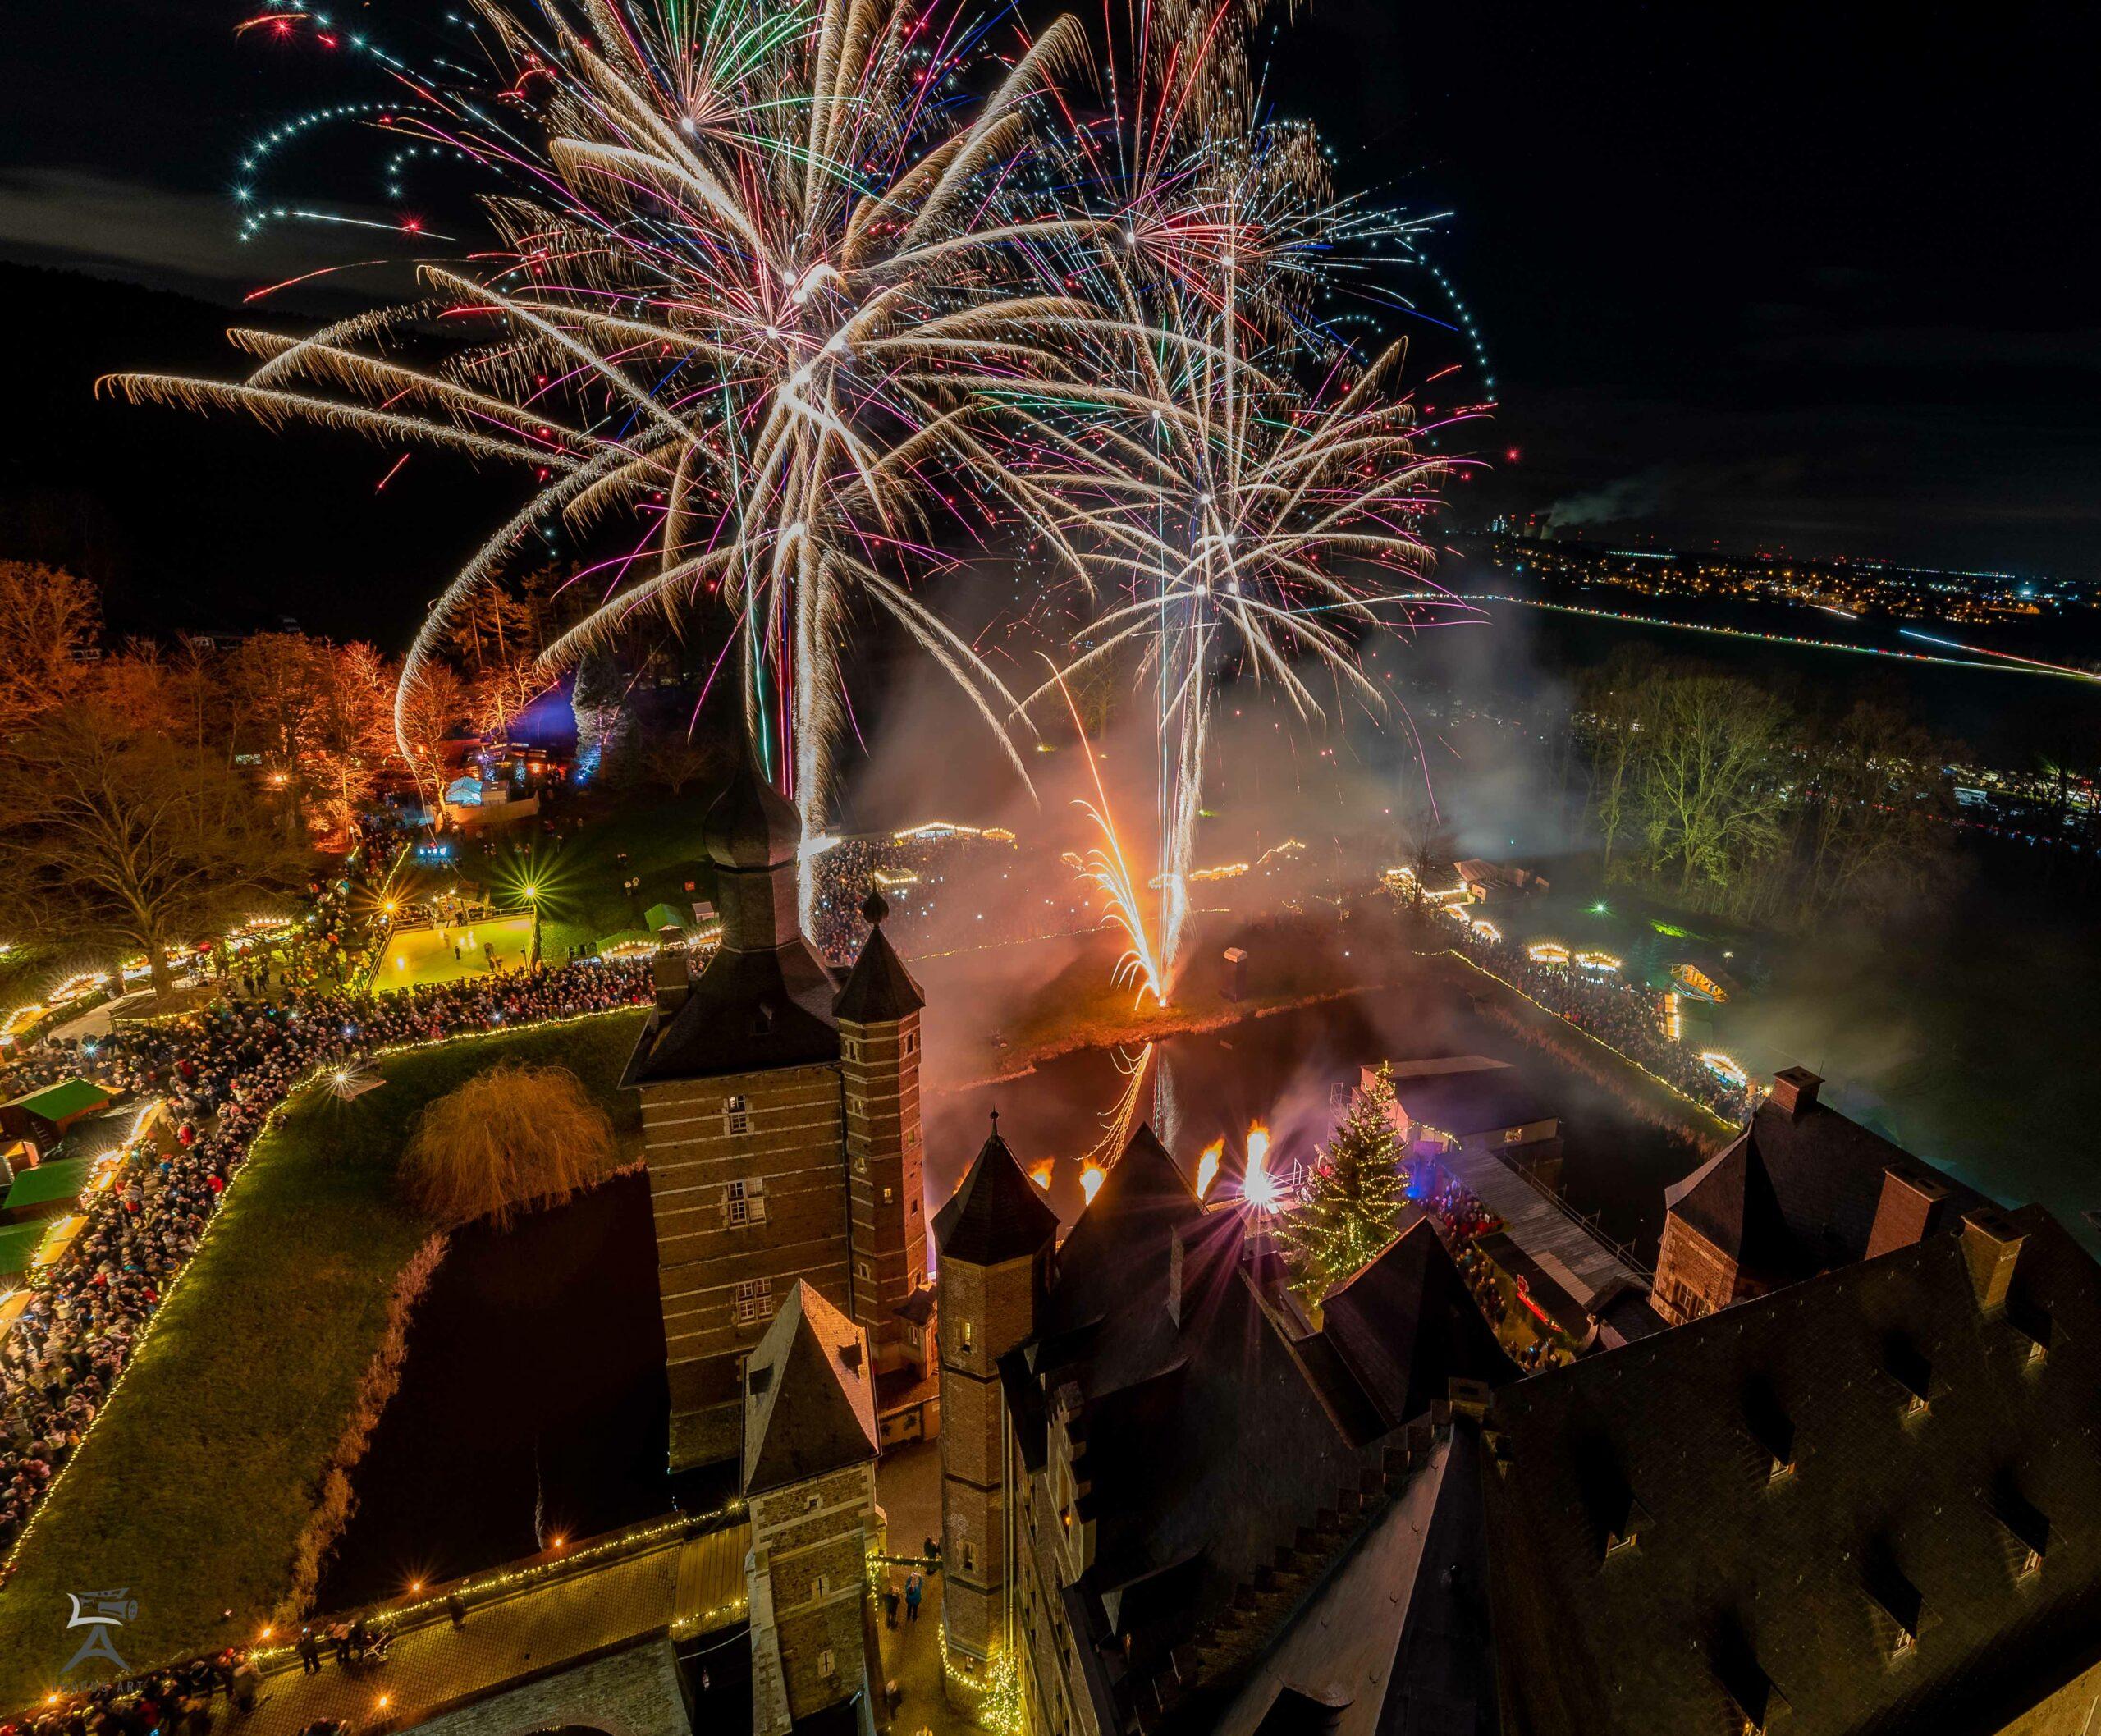 Feuerwerk Weihnachtsmarkt Schloss Merode